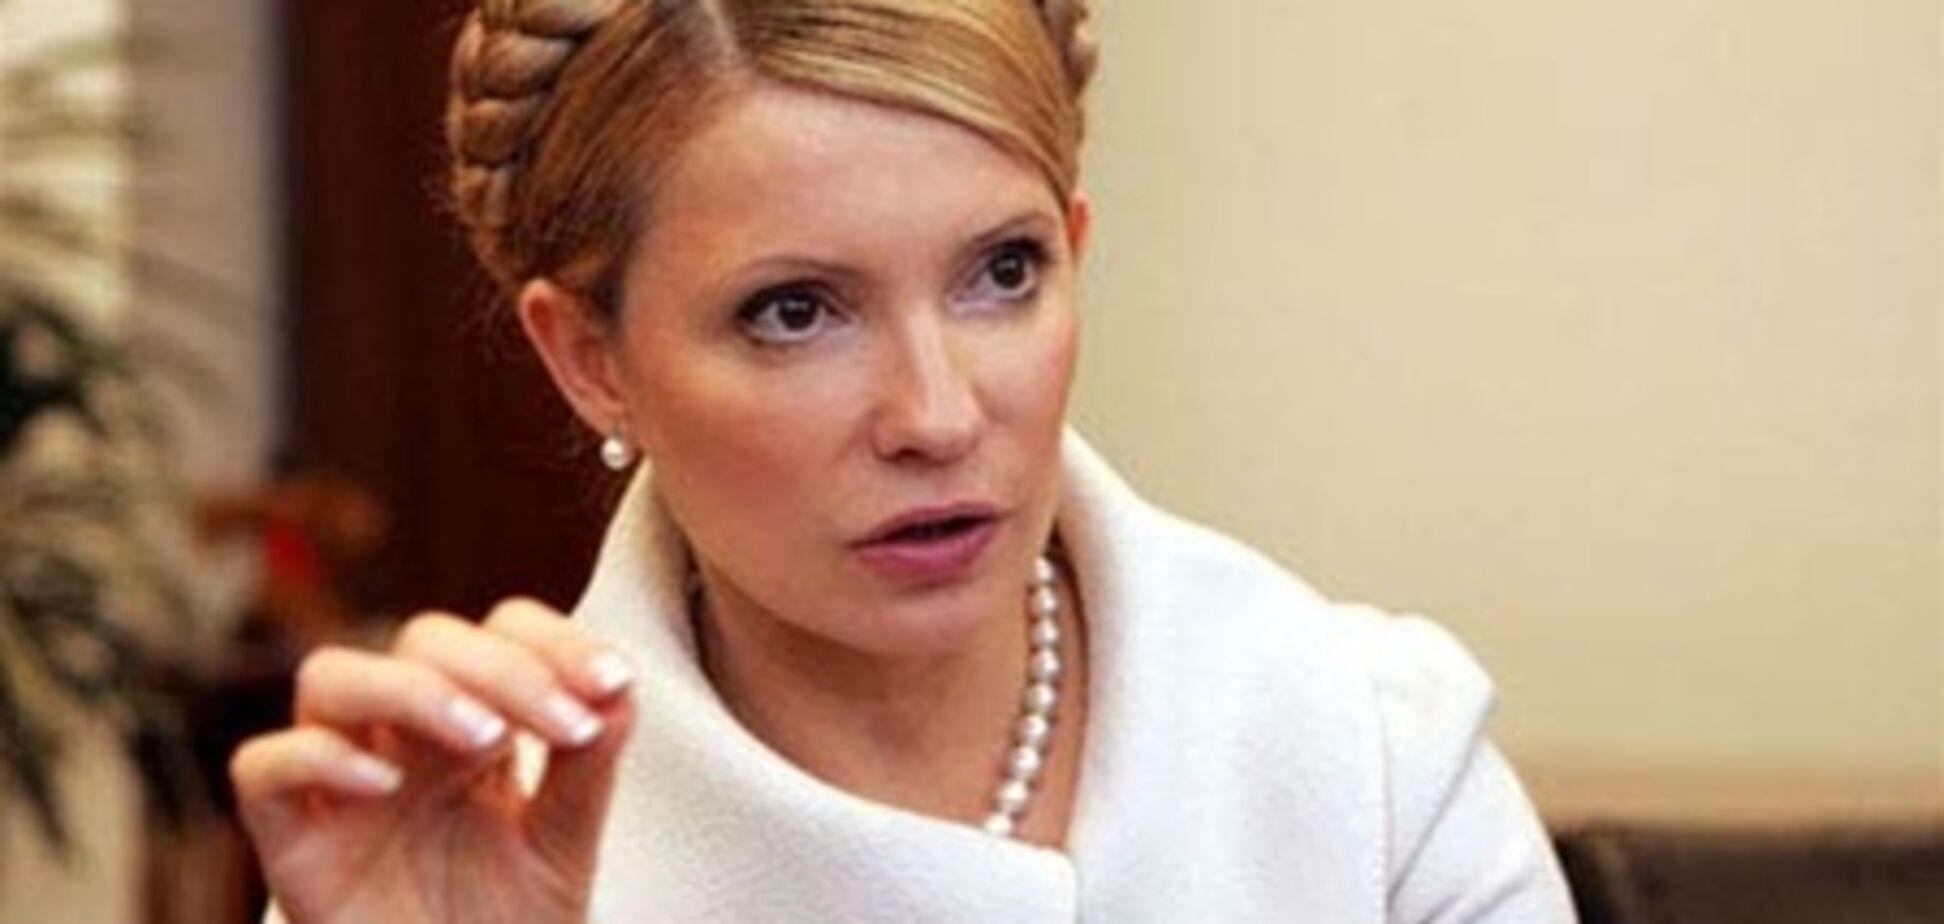 Тимошенко: все свидетели, кроме одного, подтвердили мои показания